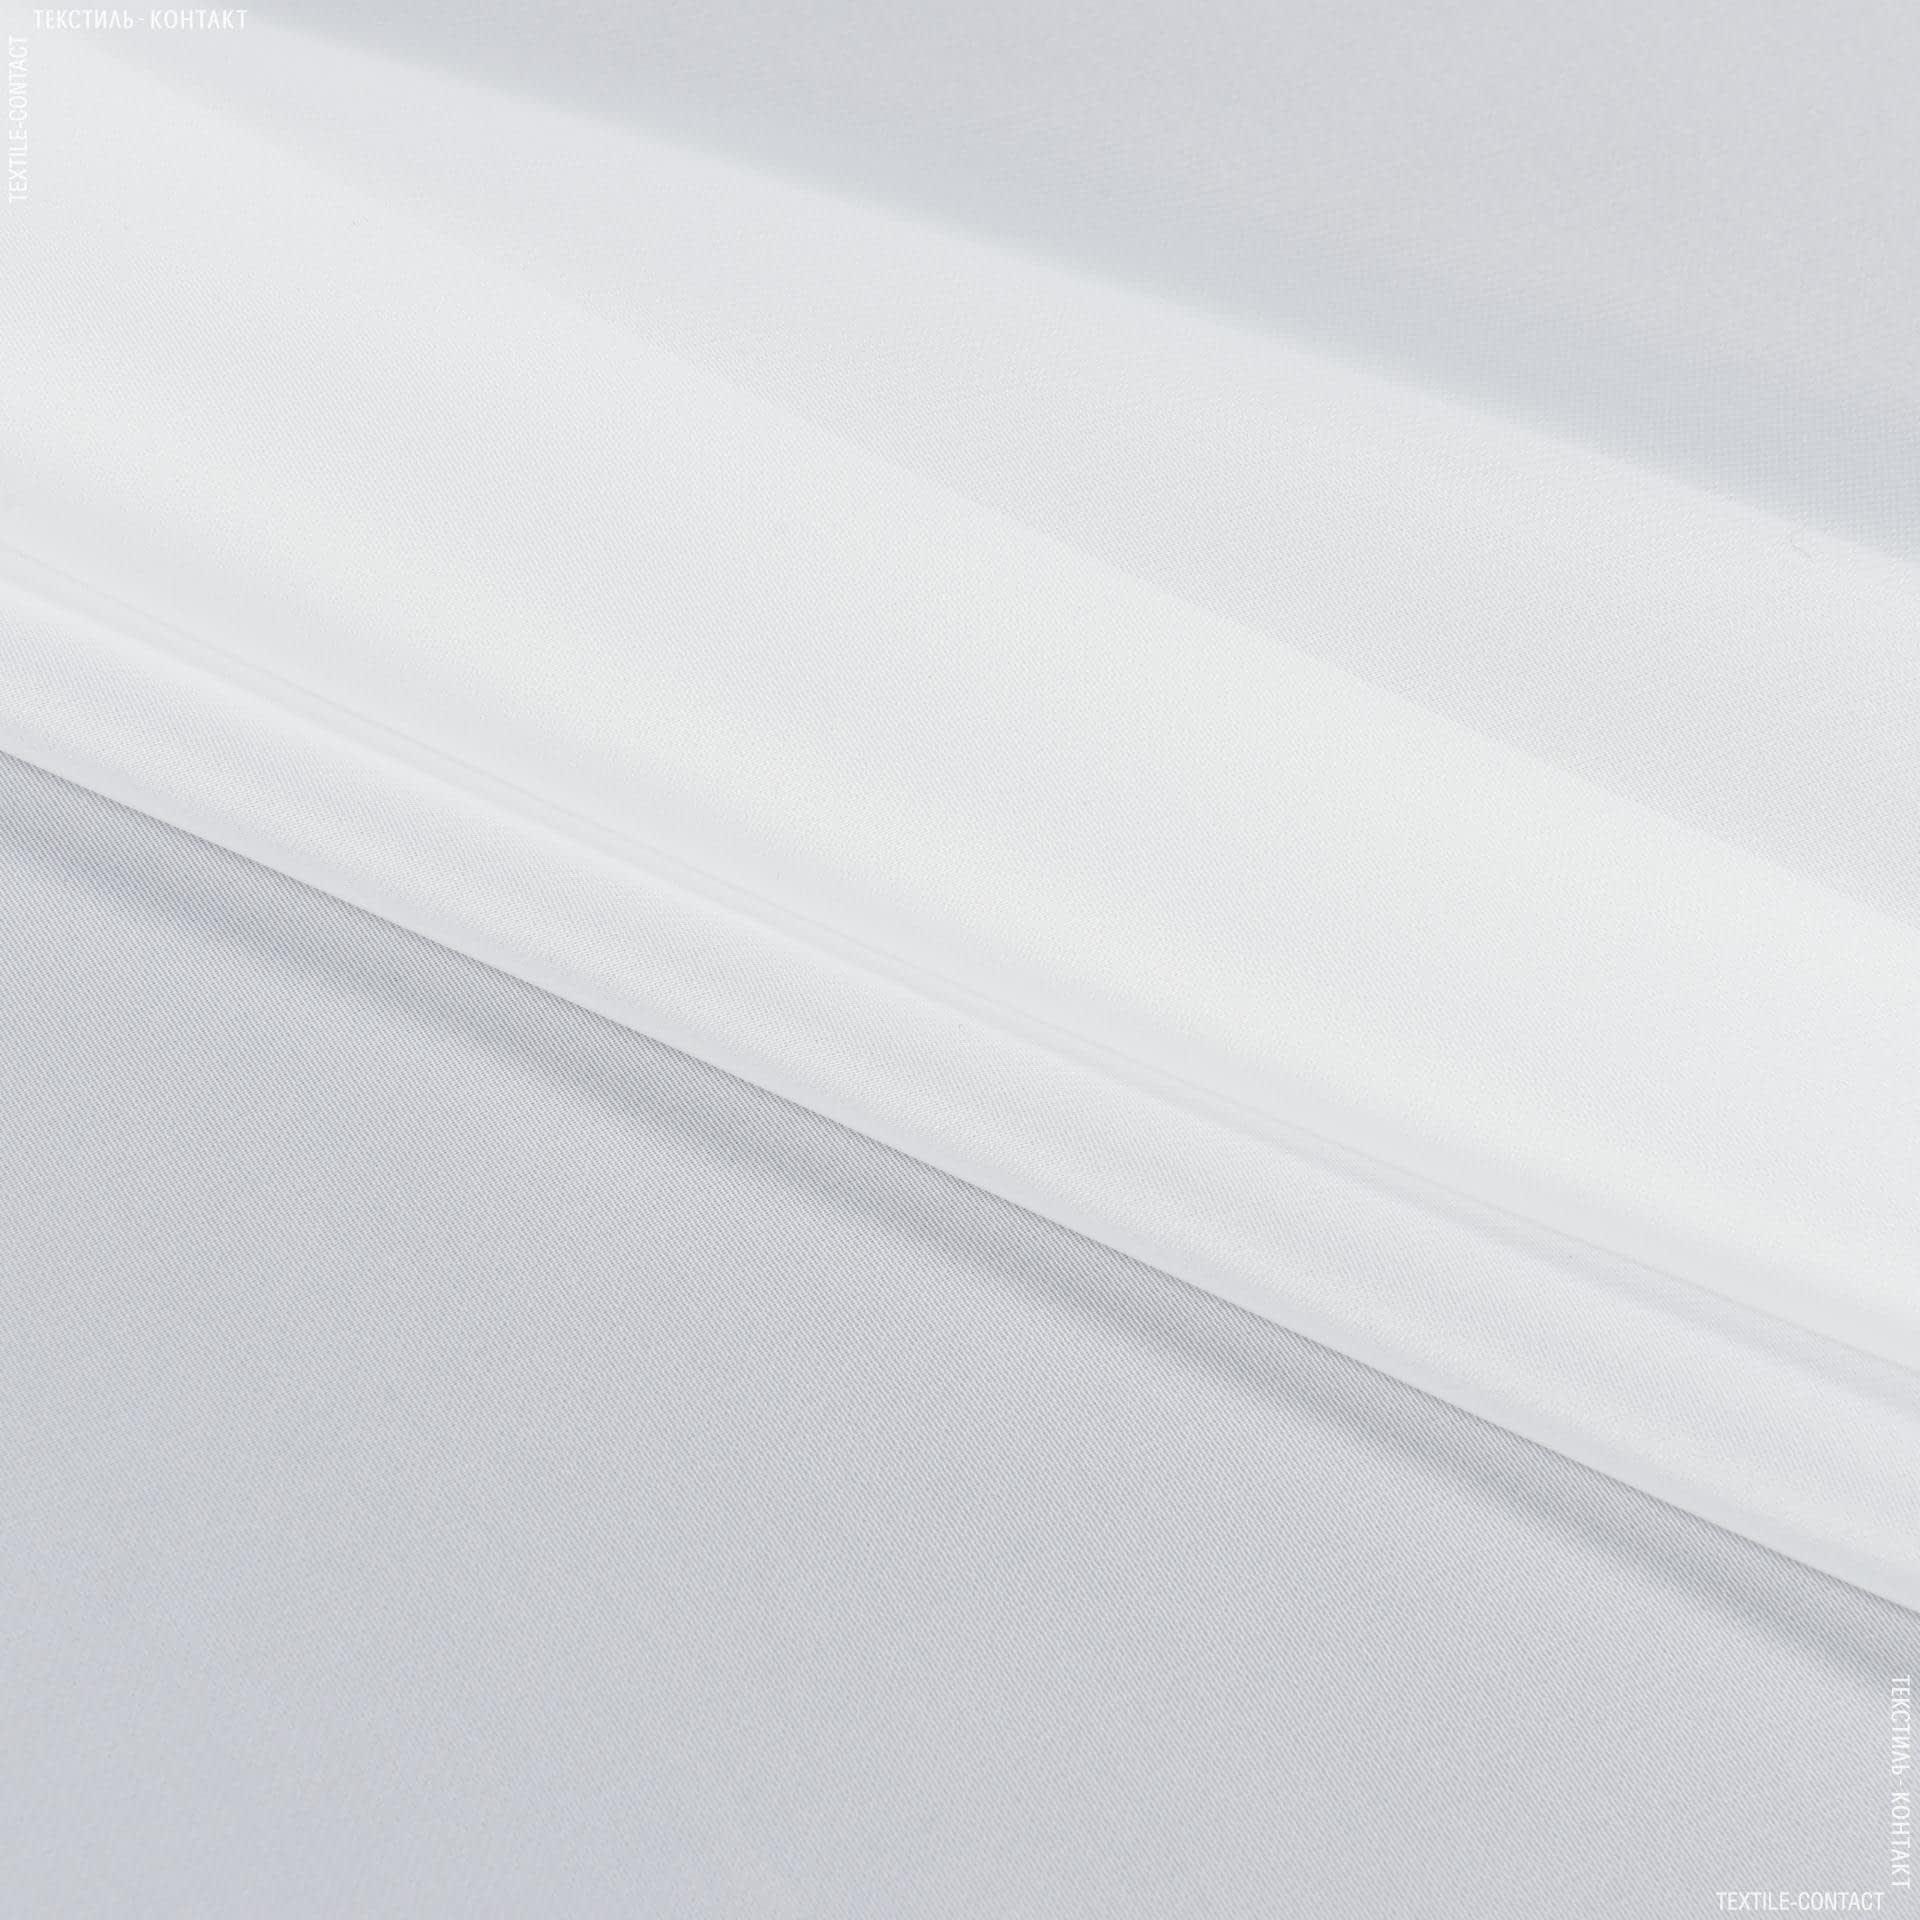 Тканини для драпірування стін і стель - Тюль з обважнювачем вуаль люкс / yari молочно-білий